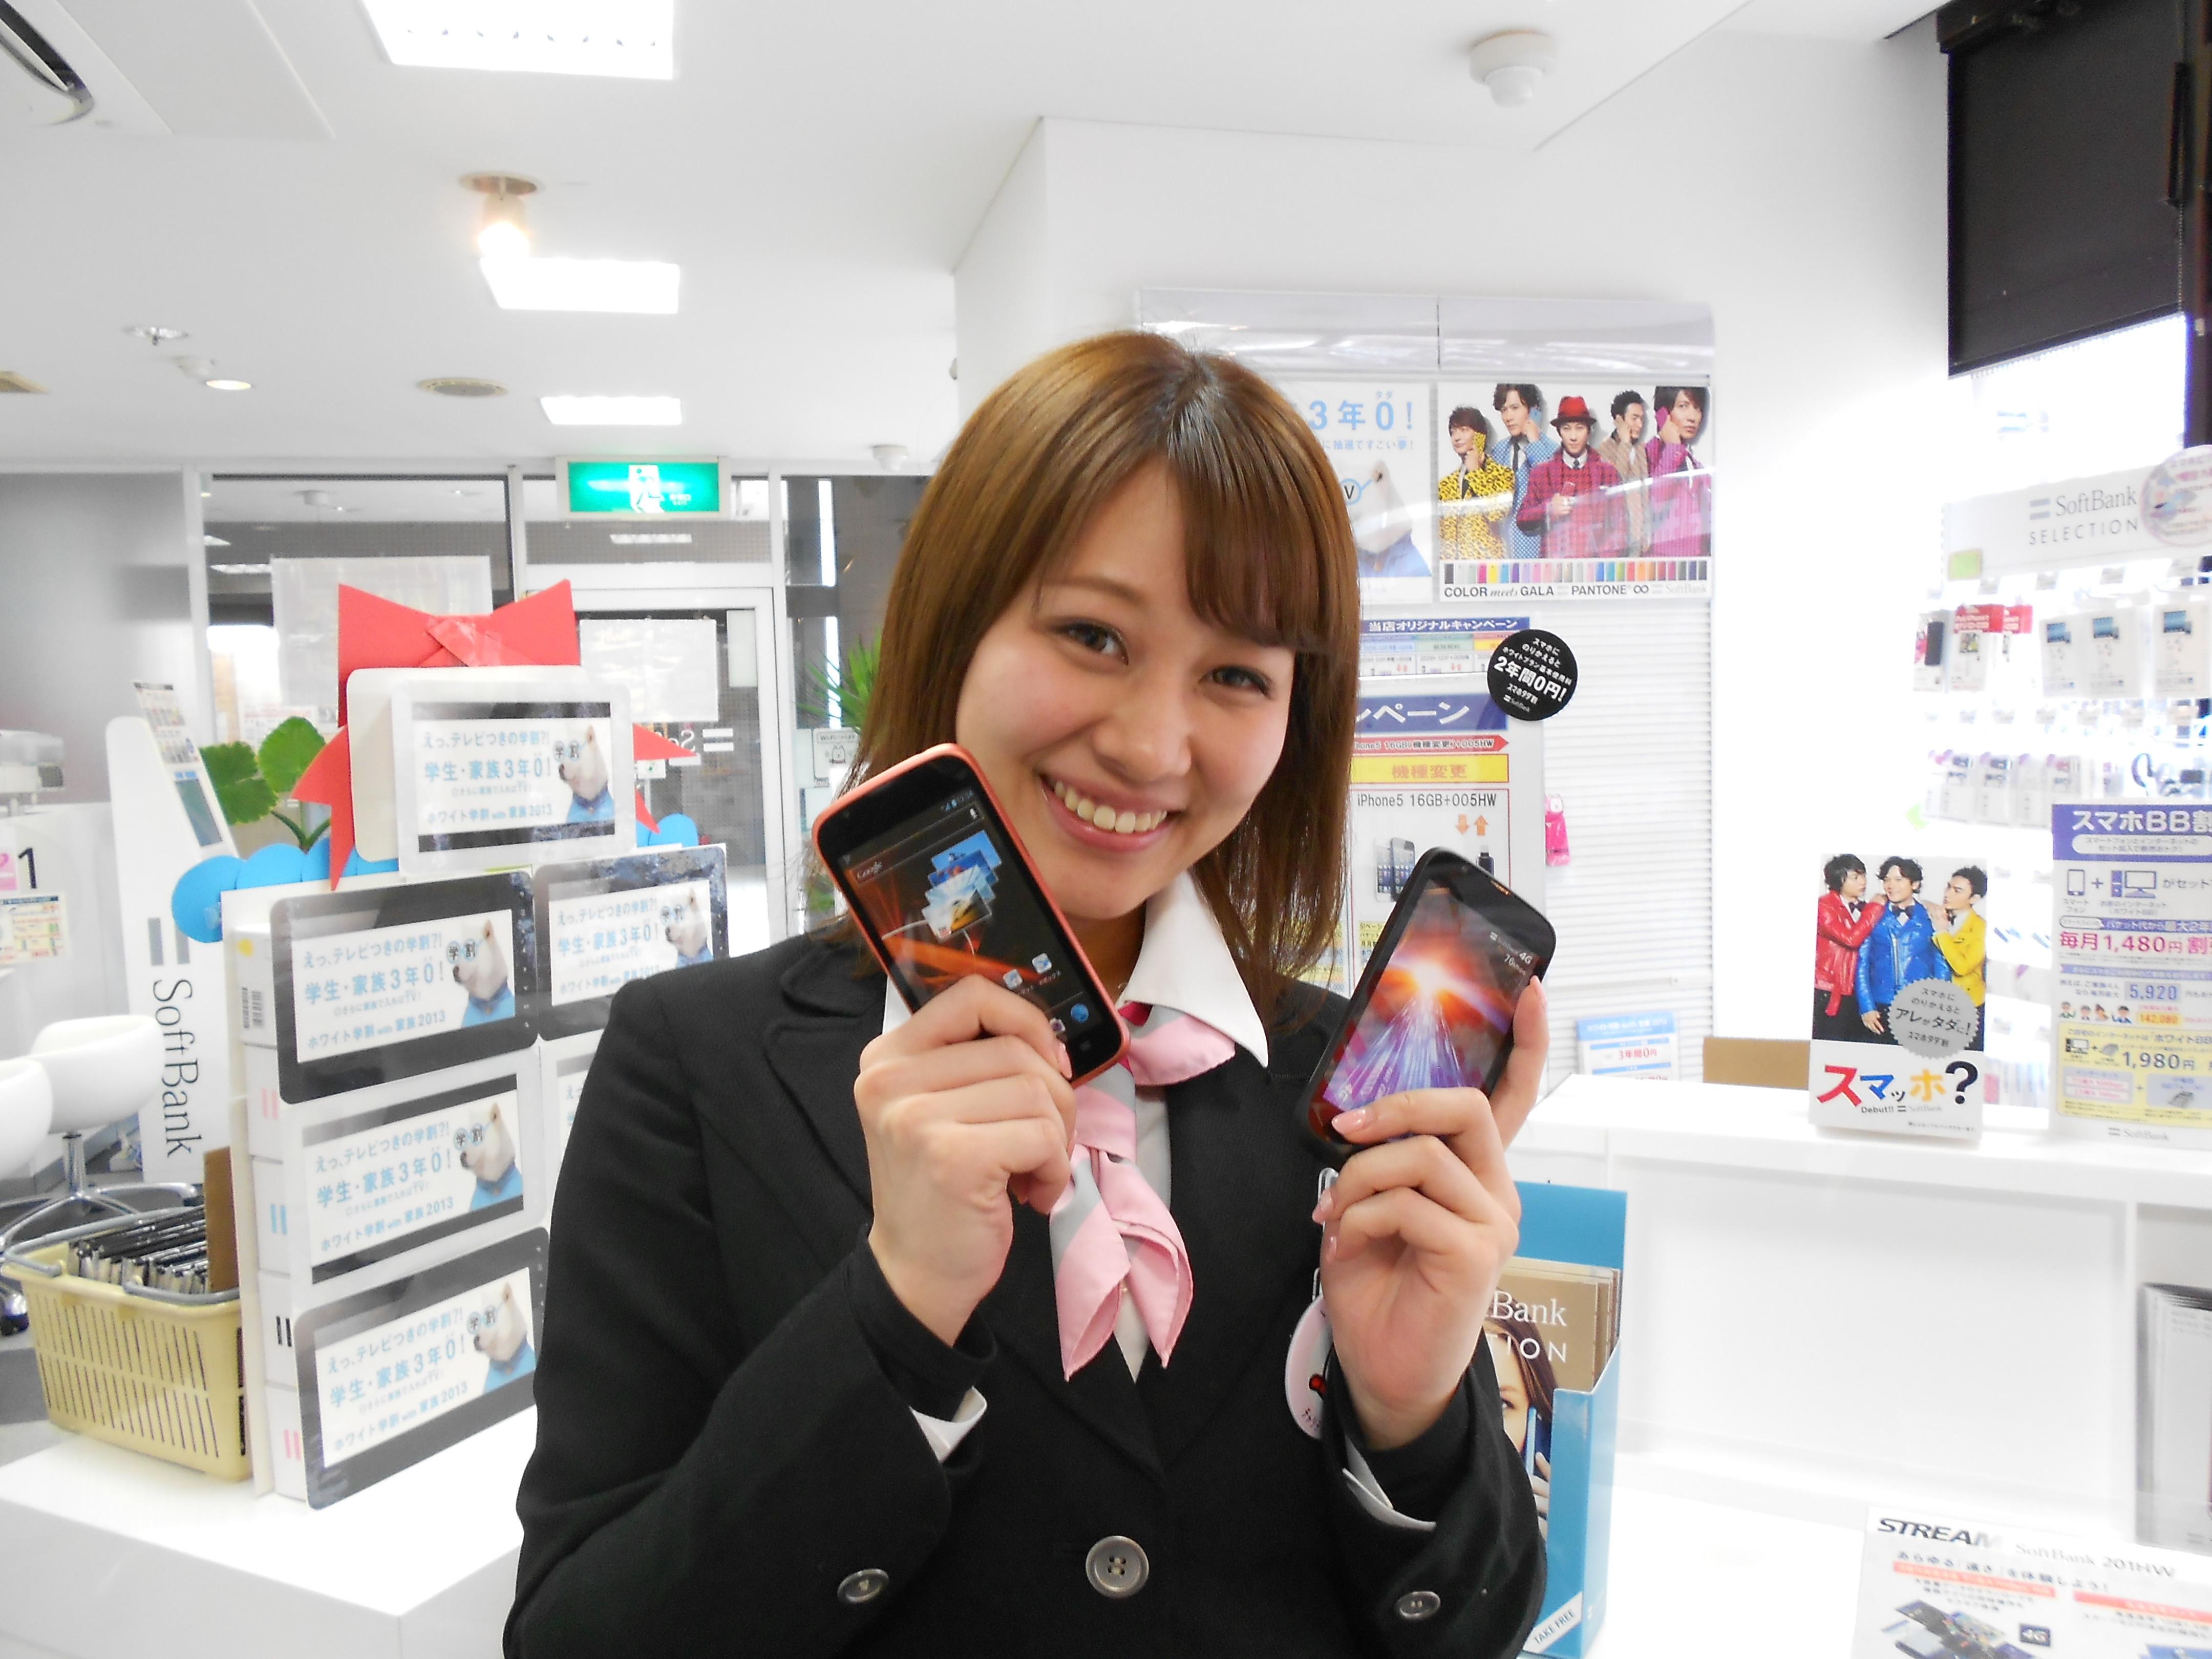 ソフトバンク 銚子(株式会社シエロ)のアルバイト情報